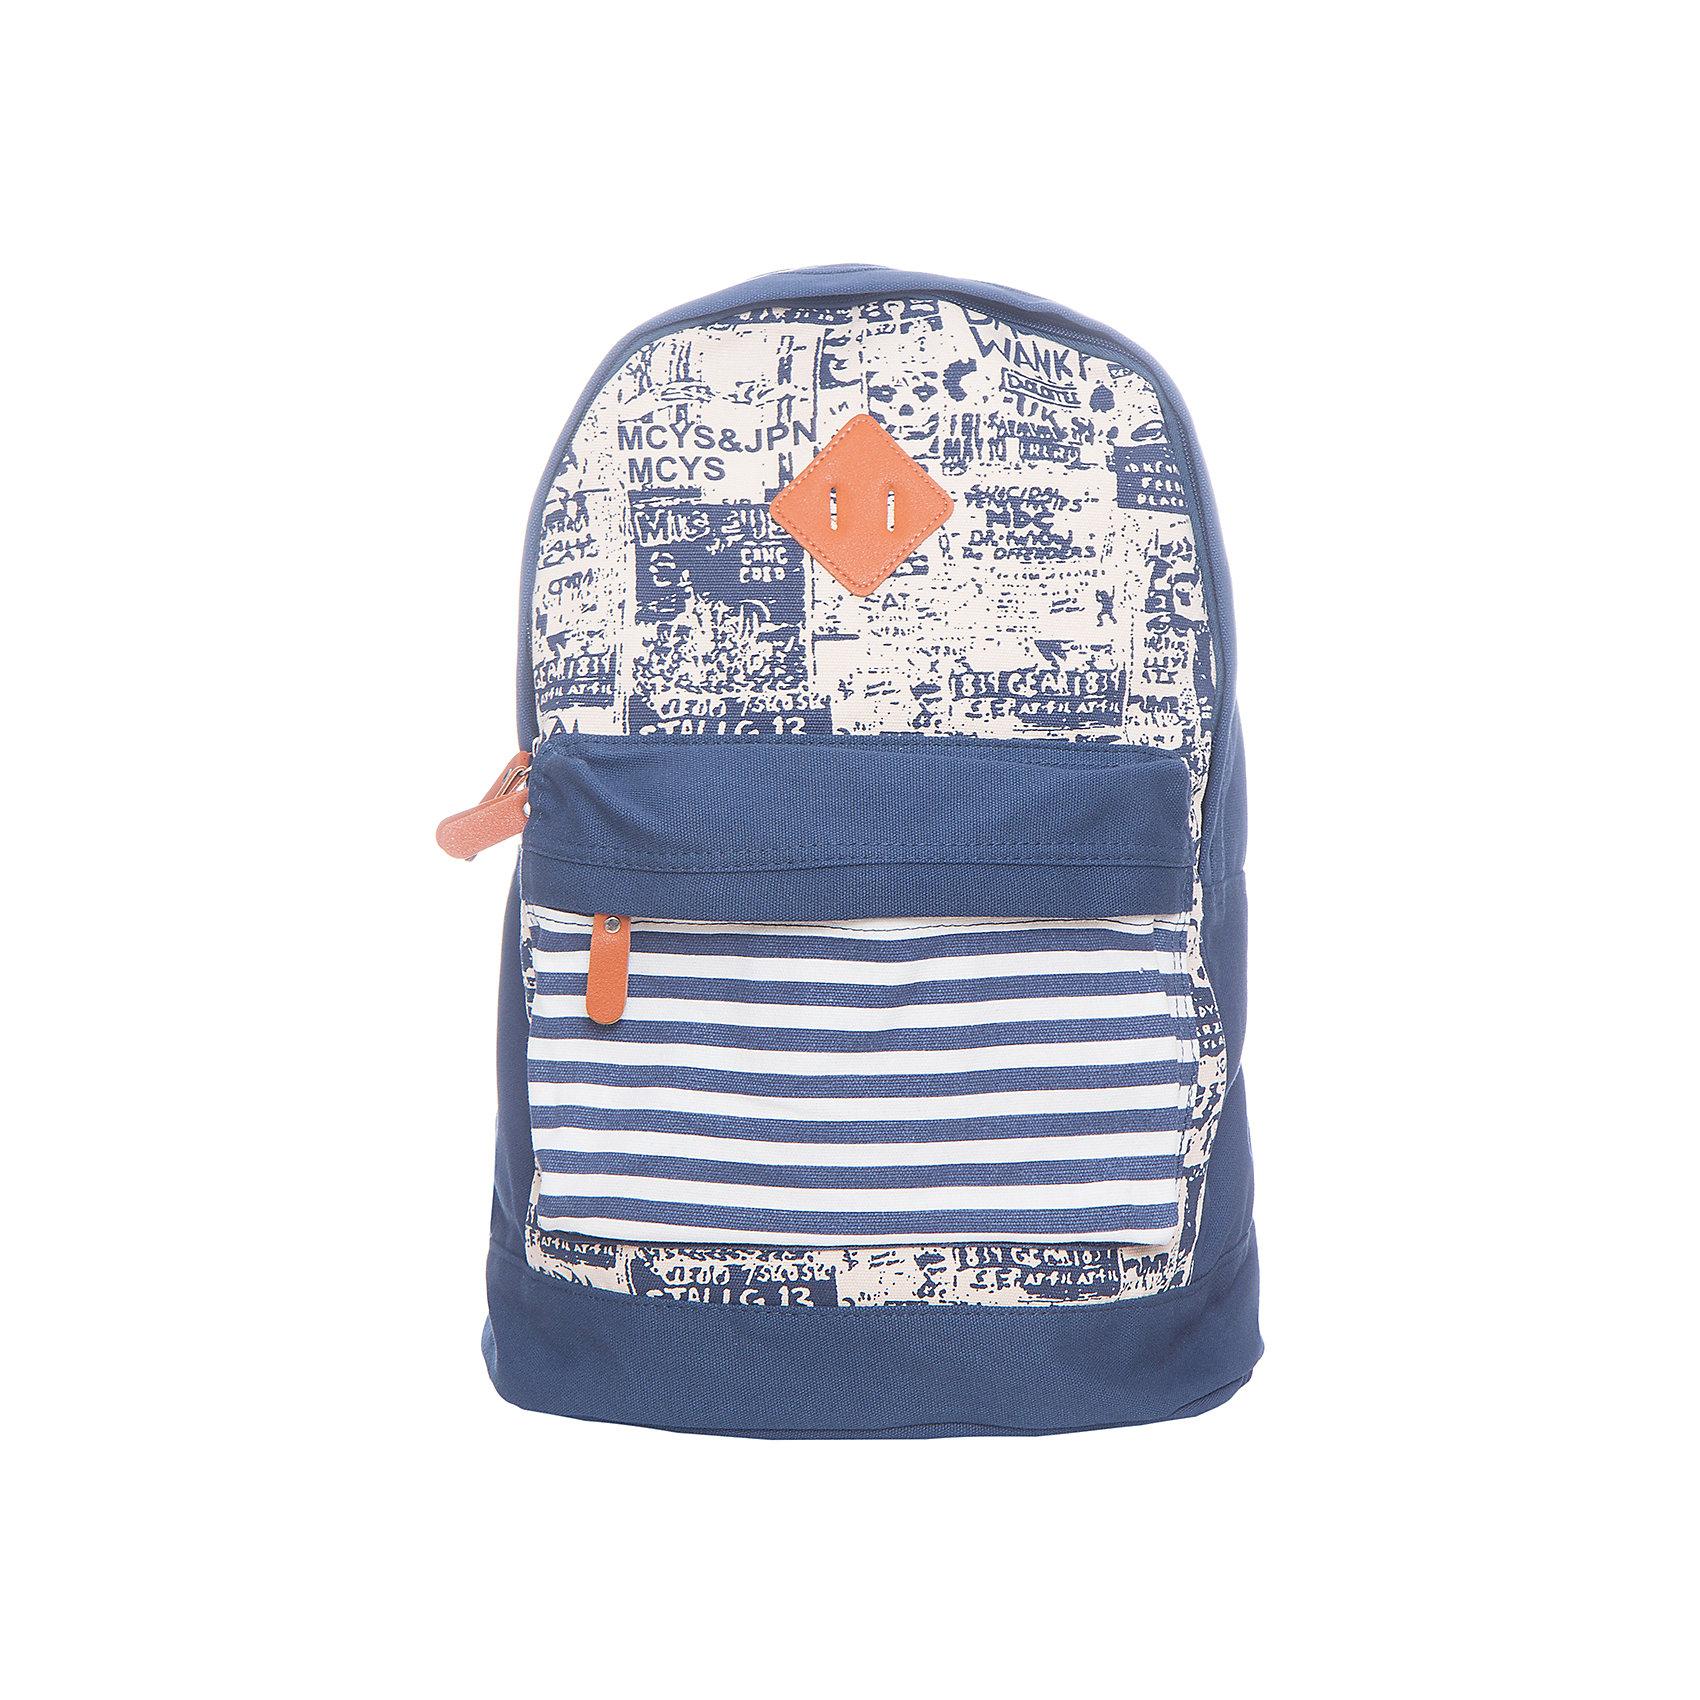 Рюкзак школьный молодежныйРюкзаки<br>Характеристики:<br><br>• размер: 47х17х31 см.;<br>• состав: хлопок;<br>• вес: 460 г.;<br>• для детей в возрасте: от 10 лет;<br>• страна производитель: Китай.<br><br>Этот вместительный рюкзак, выполненный в стильном дизайне от бренда CENTRIUM (Центриум) отлично подойдёт для школы и внеклассных занятий. Рюкзак оснащён обширным отделением на молнии, в которое помещаются книги и тетради формата А4. Спереди расположен карман для блокнотов и канцелярских принадлежностей.<br><br>Уплотнённая спинка из однородного материала приятна в использовании. Широкие и регулируемые лямки способствуют правильному распределению нагрузки на спину. С помощью качественно прошитой ручки рюкзак можно носить в руке или вешать на крючок. Благодаря своему каркасу, рюкзак сохраняет свою форму и в нём легче найти нужный предмет или книгу.<br><br>Рюкзак молодёжный можно купить в нашем интернет-магазине.<br><br>Ширина мм: 310<br>Глубина мм: 170<br>Высота мм: 470<br>Вес г: 460<br>Возраст от месяцев: 72<br>Возраст до месяцев: 2147483647<br>Пол: Унисекс<br>Возраст: Детский<br>SKU: 6842156